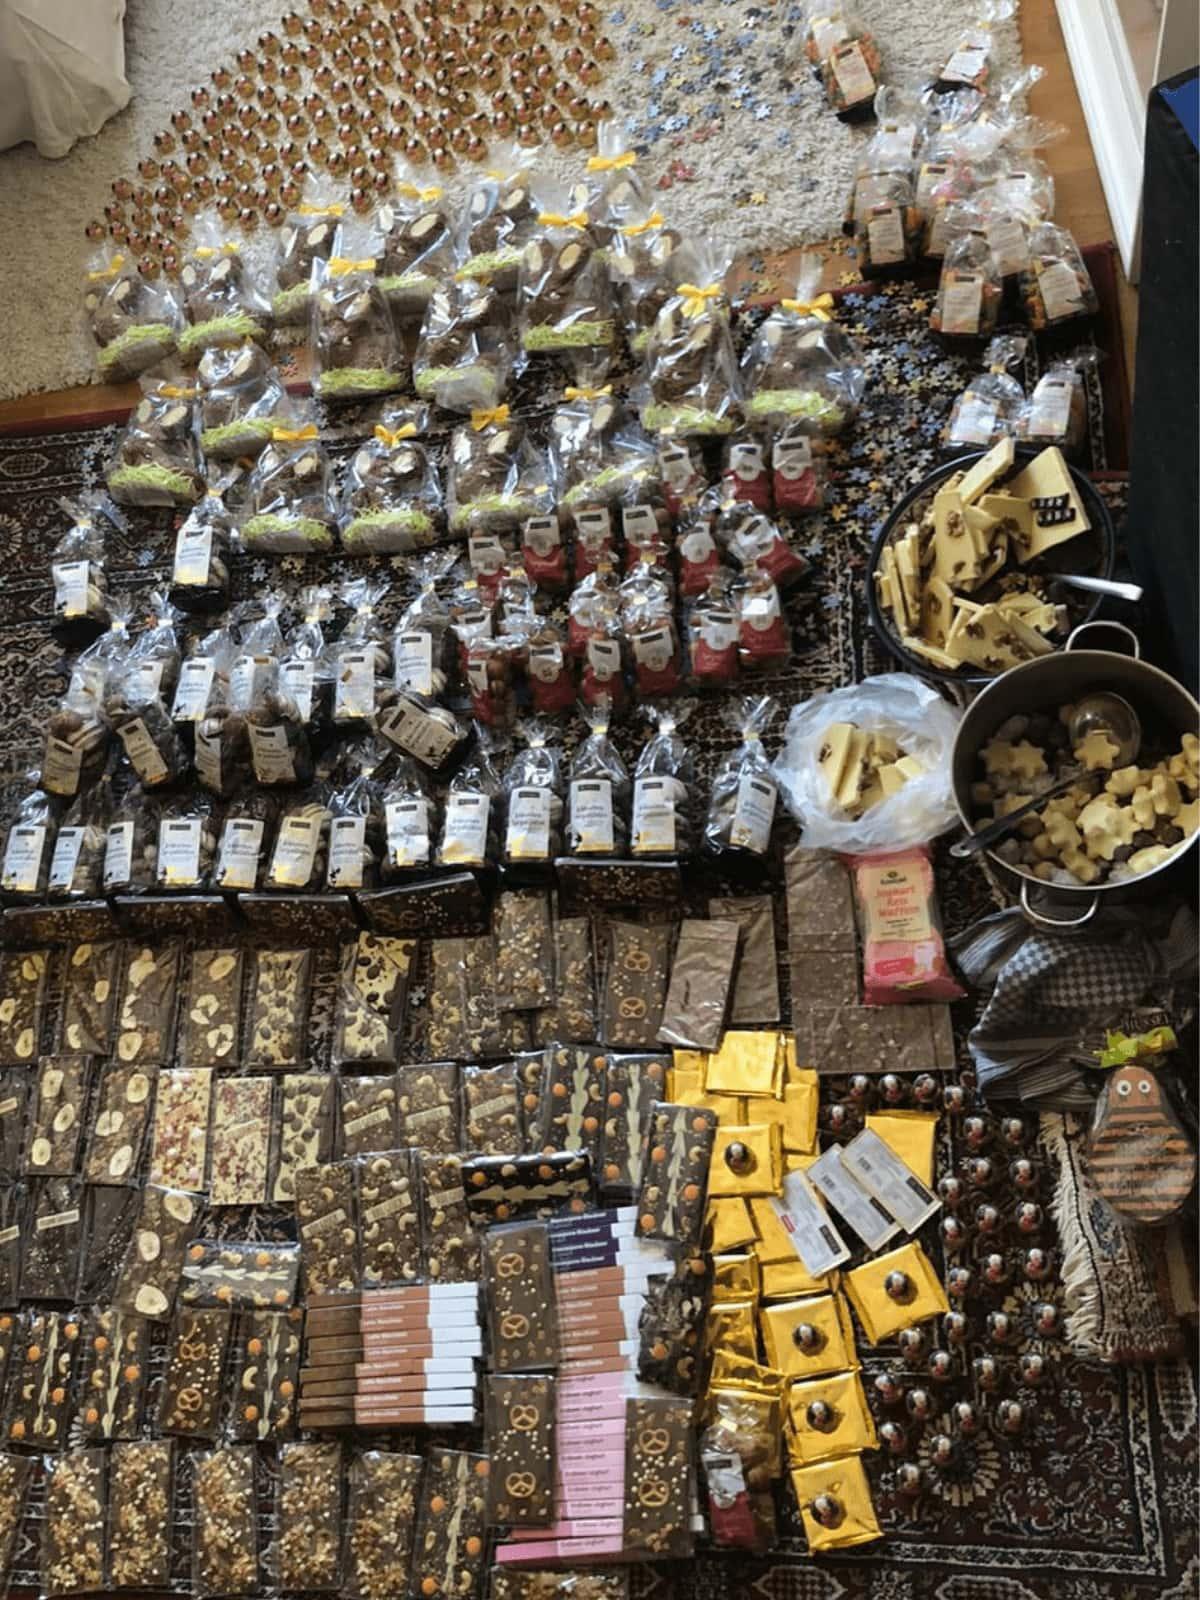 Containerte Pralinen, Schokolade und Marzipan liegen angeordnet auf dem Boden